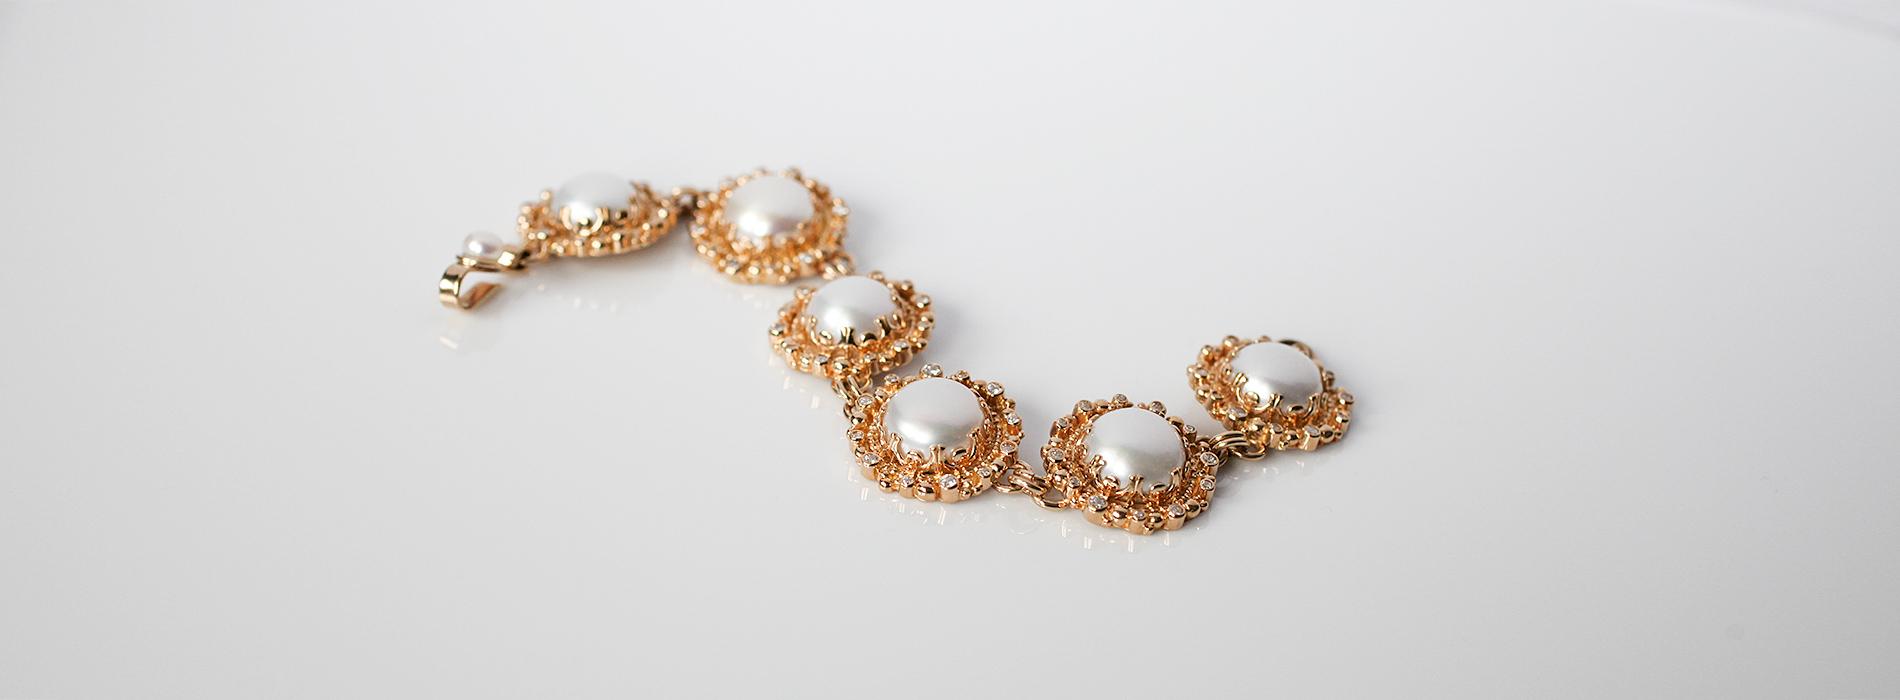 Złota bransoleta z perłami